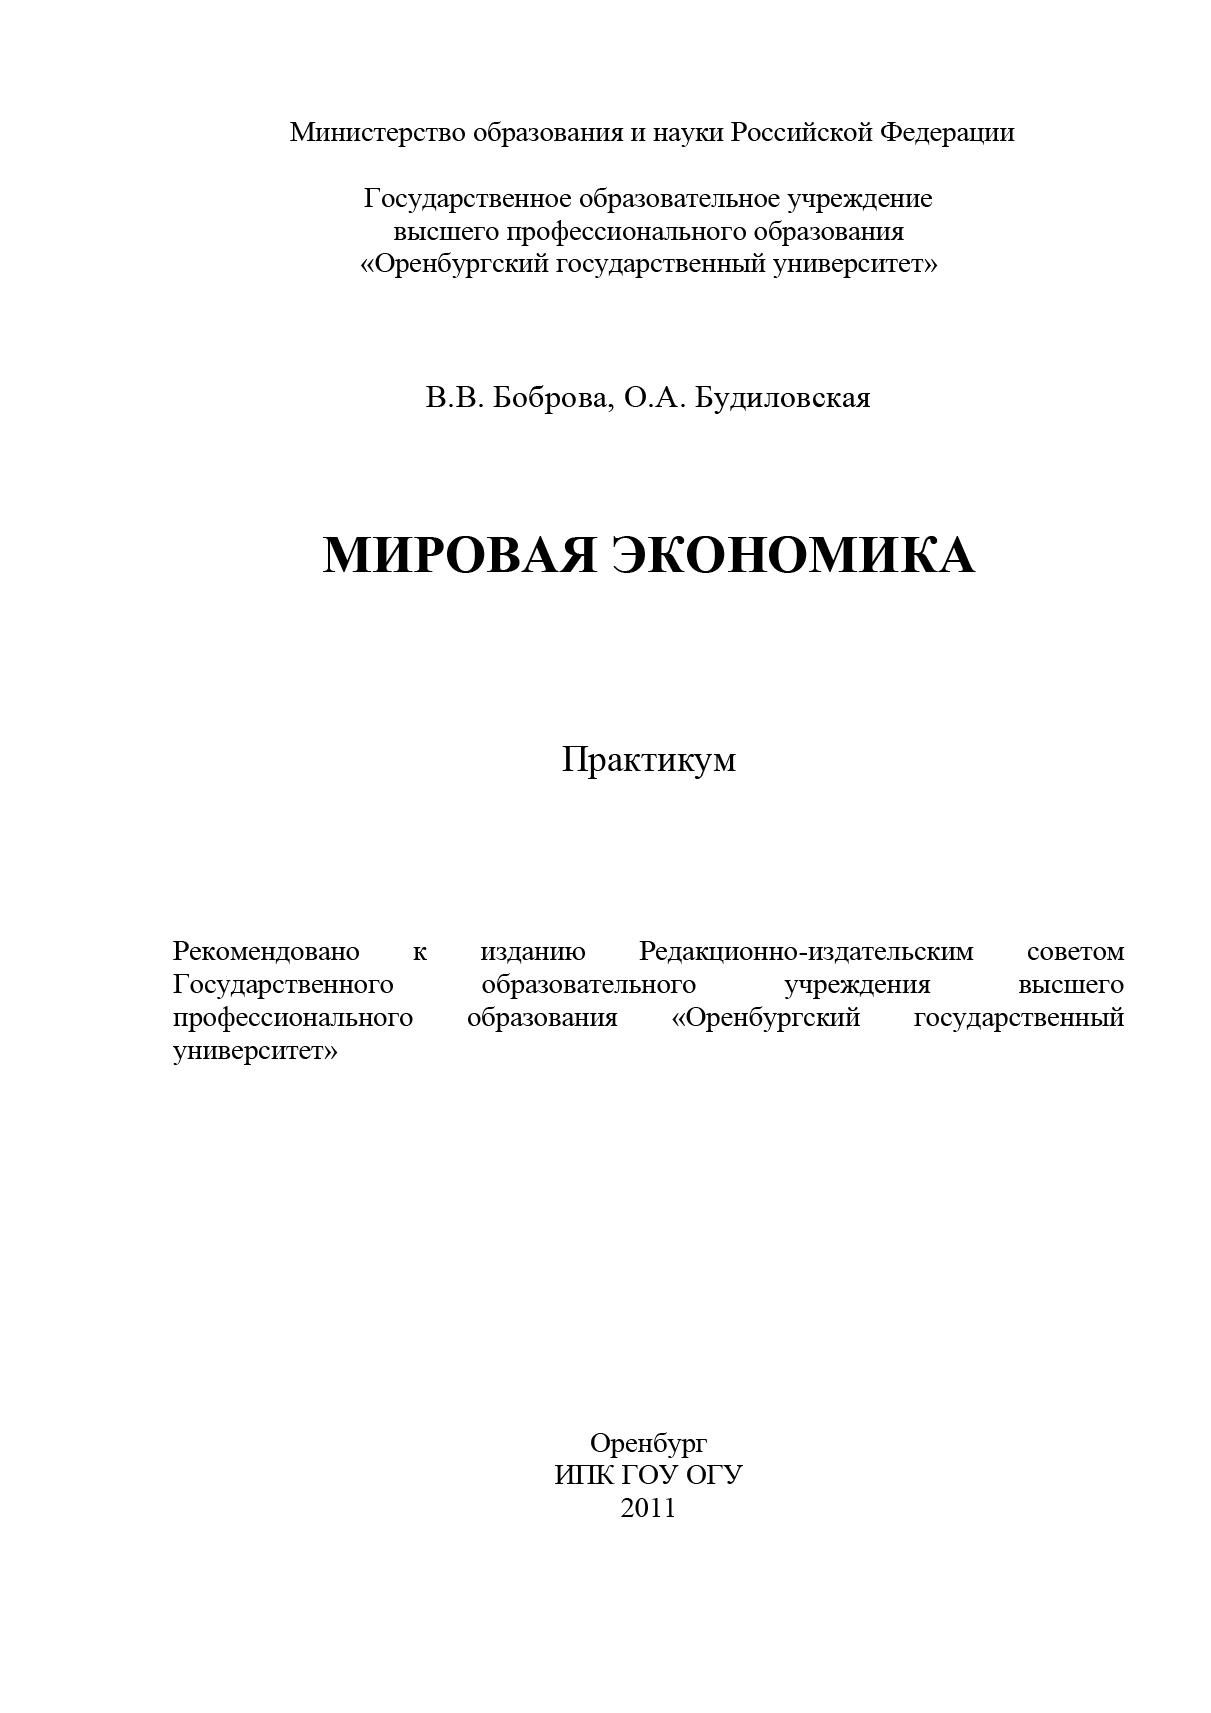 В. В. Боброва Мировая экономика резник г а мировая экономика практикум